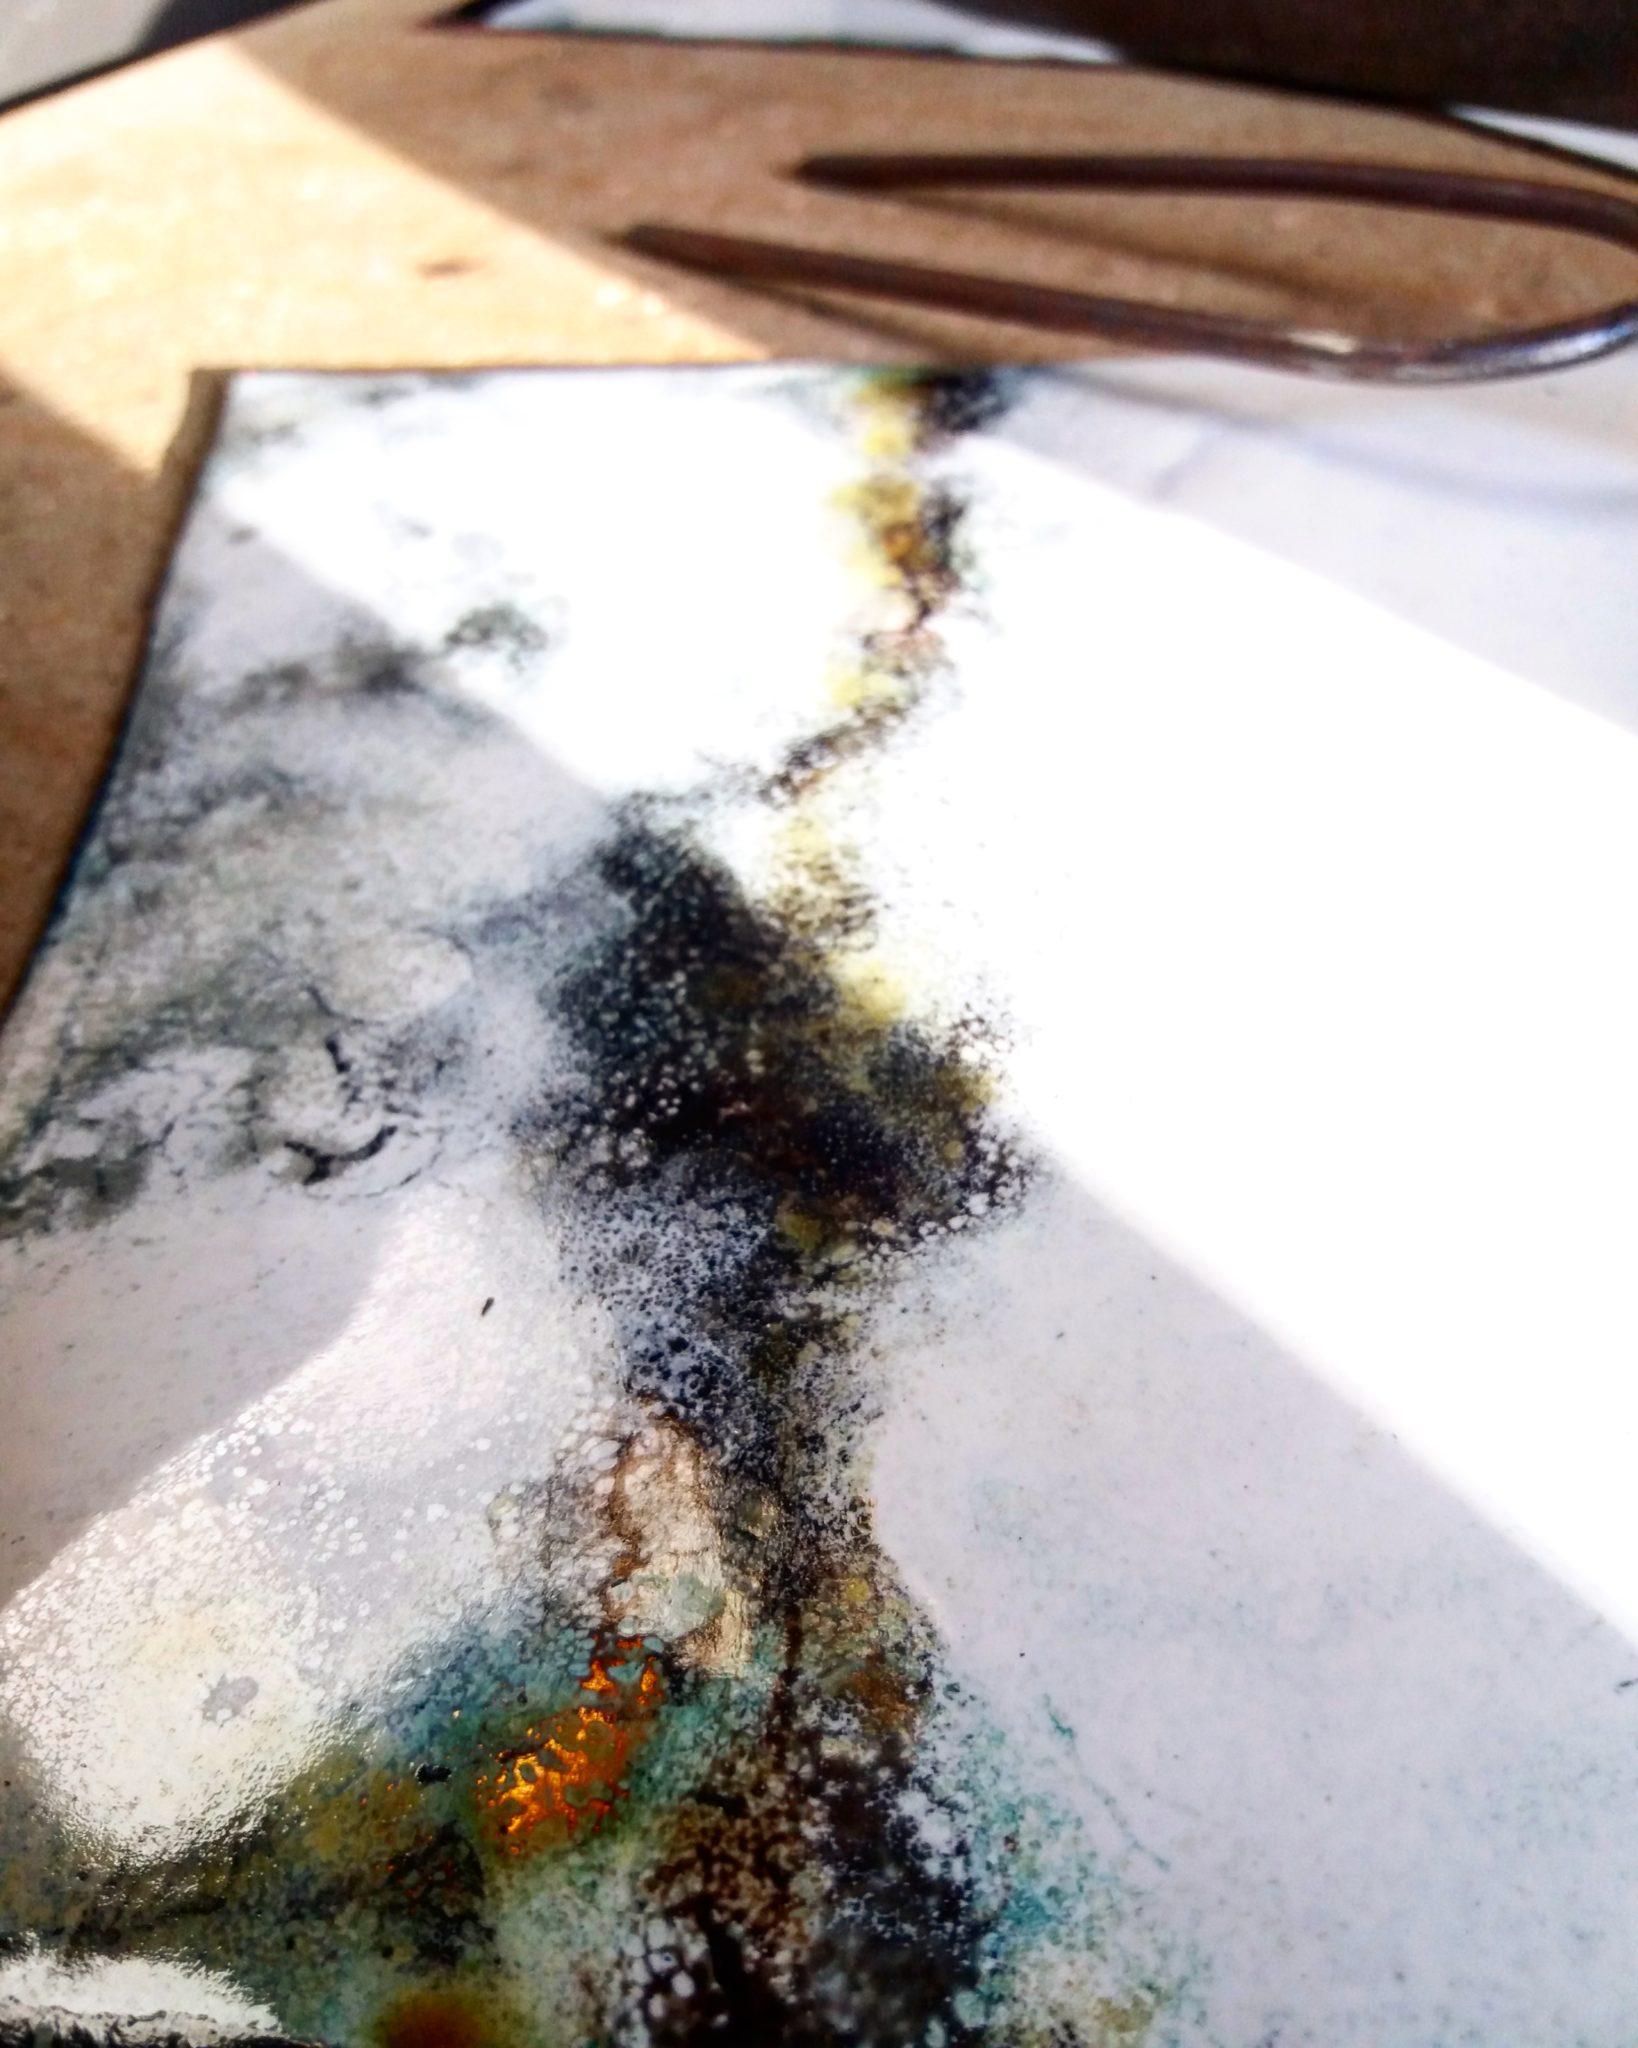 Exposition Dialogue - autre détail d'une partie émaillée de la fenêtre _ lueurs d'ocre et de verts à travers le blanc et noir nées des oxydations du cuivre